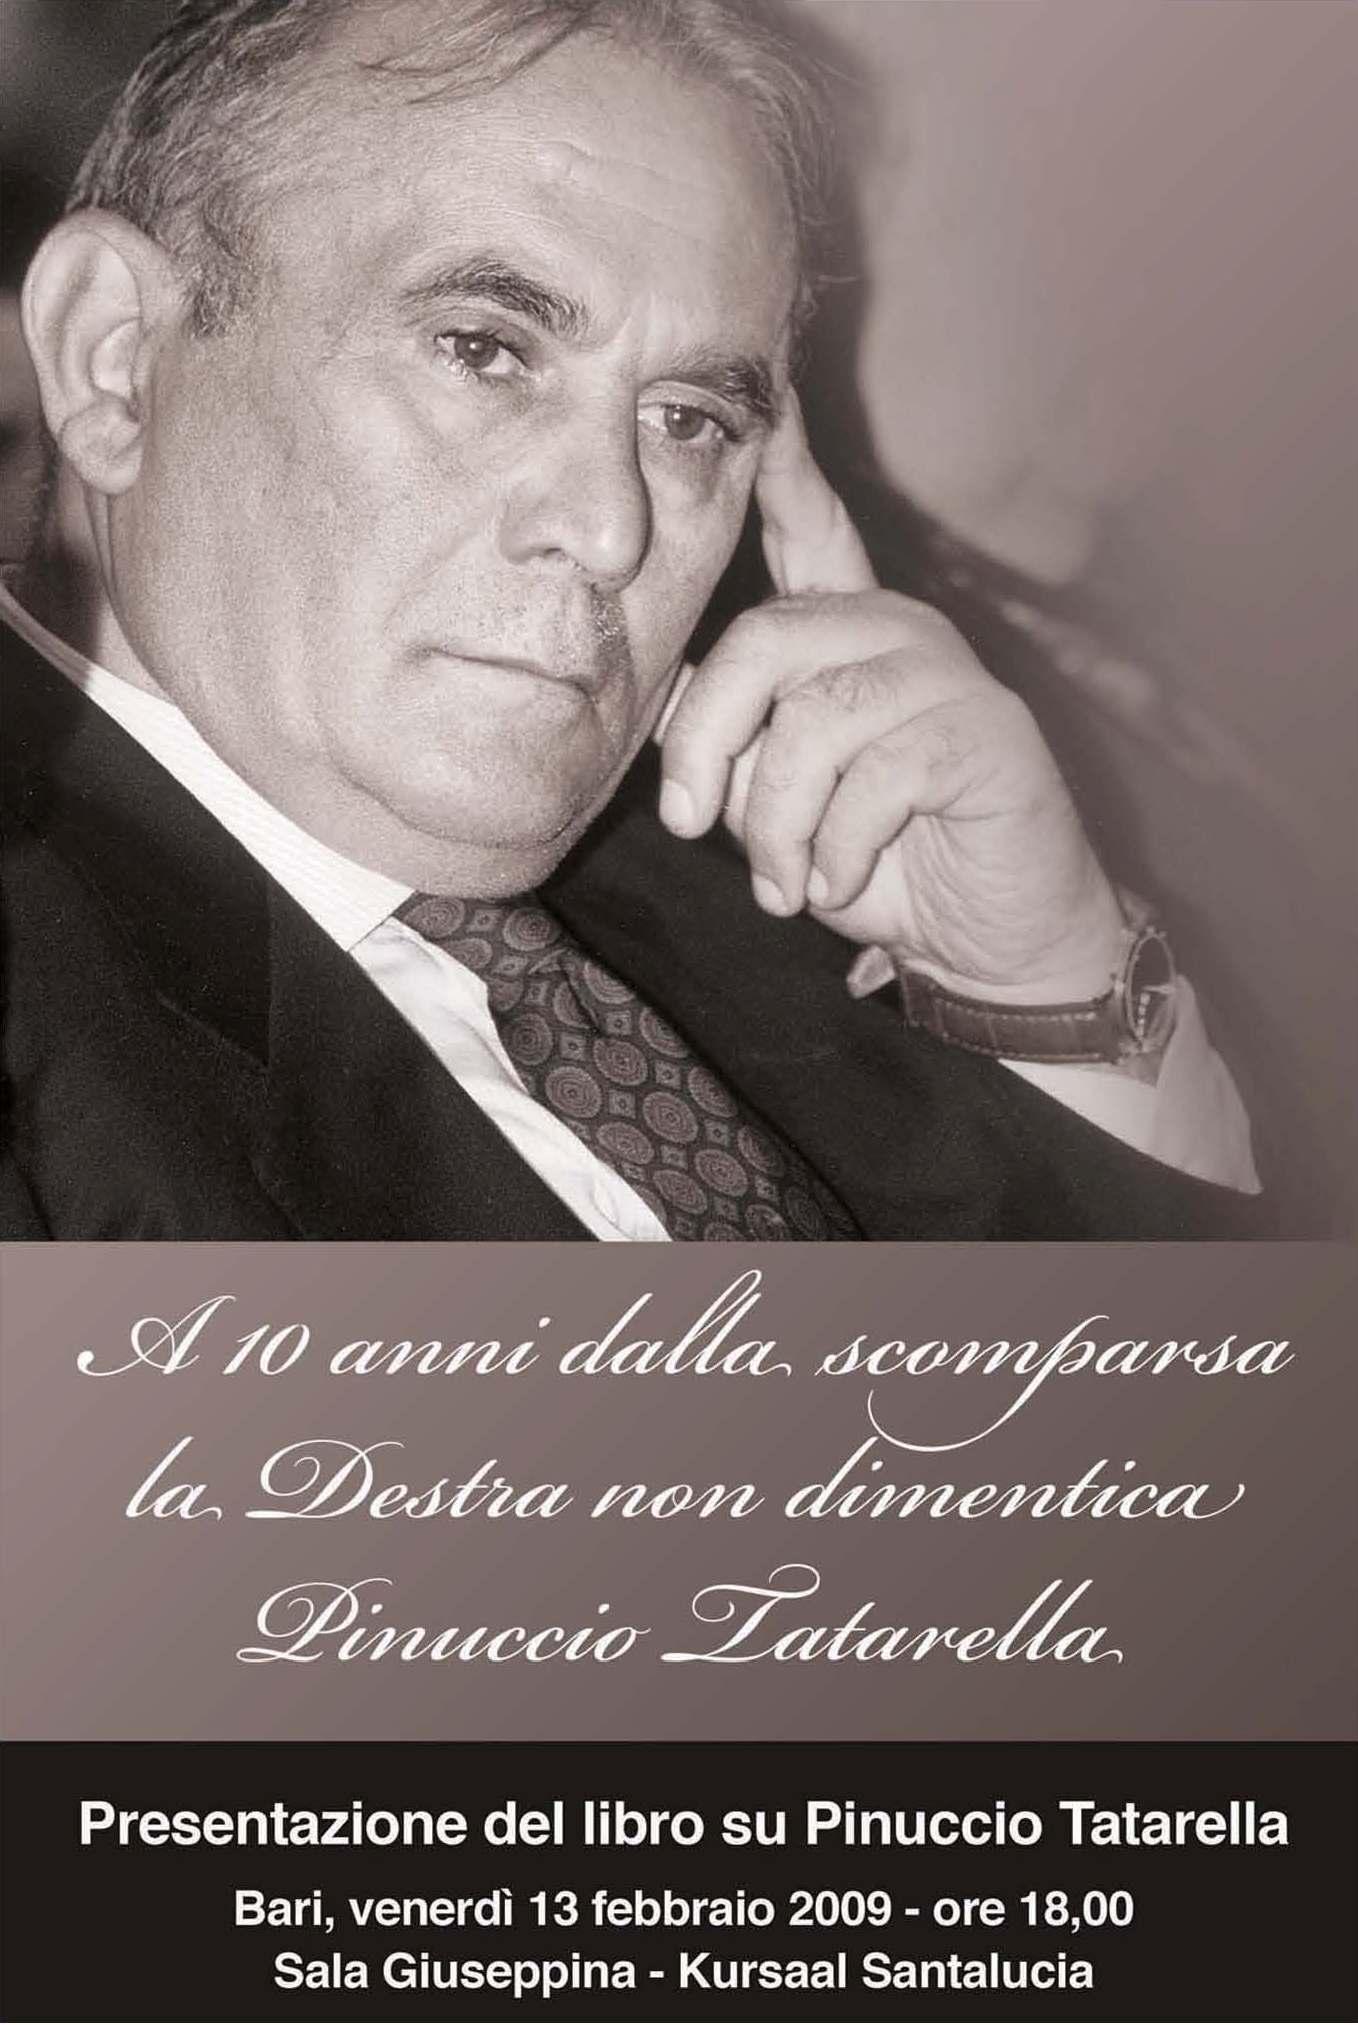 La destra non dimentica Pinuccio Tatarella